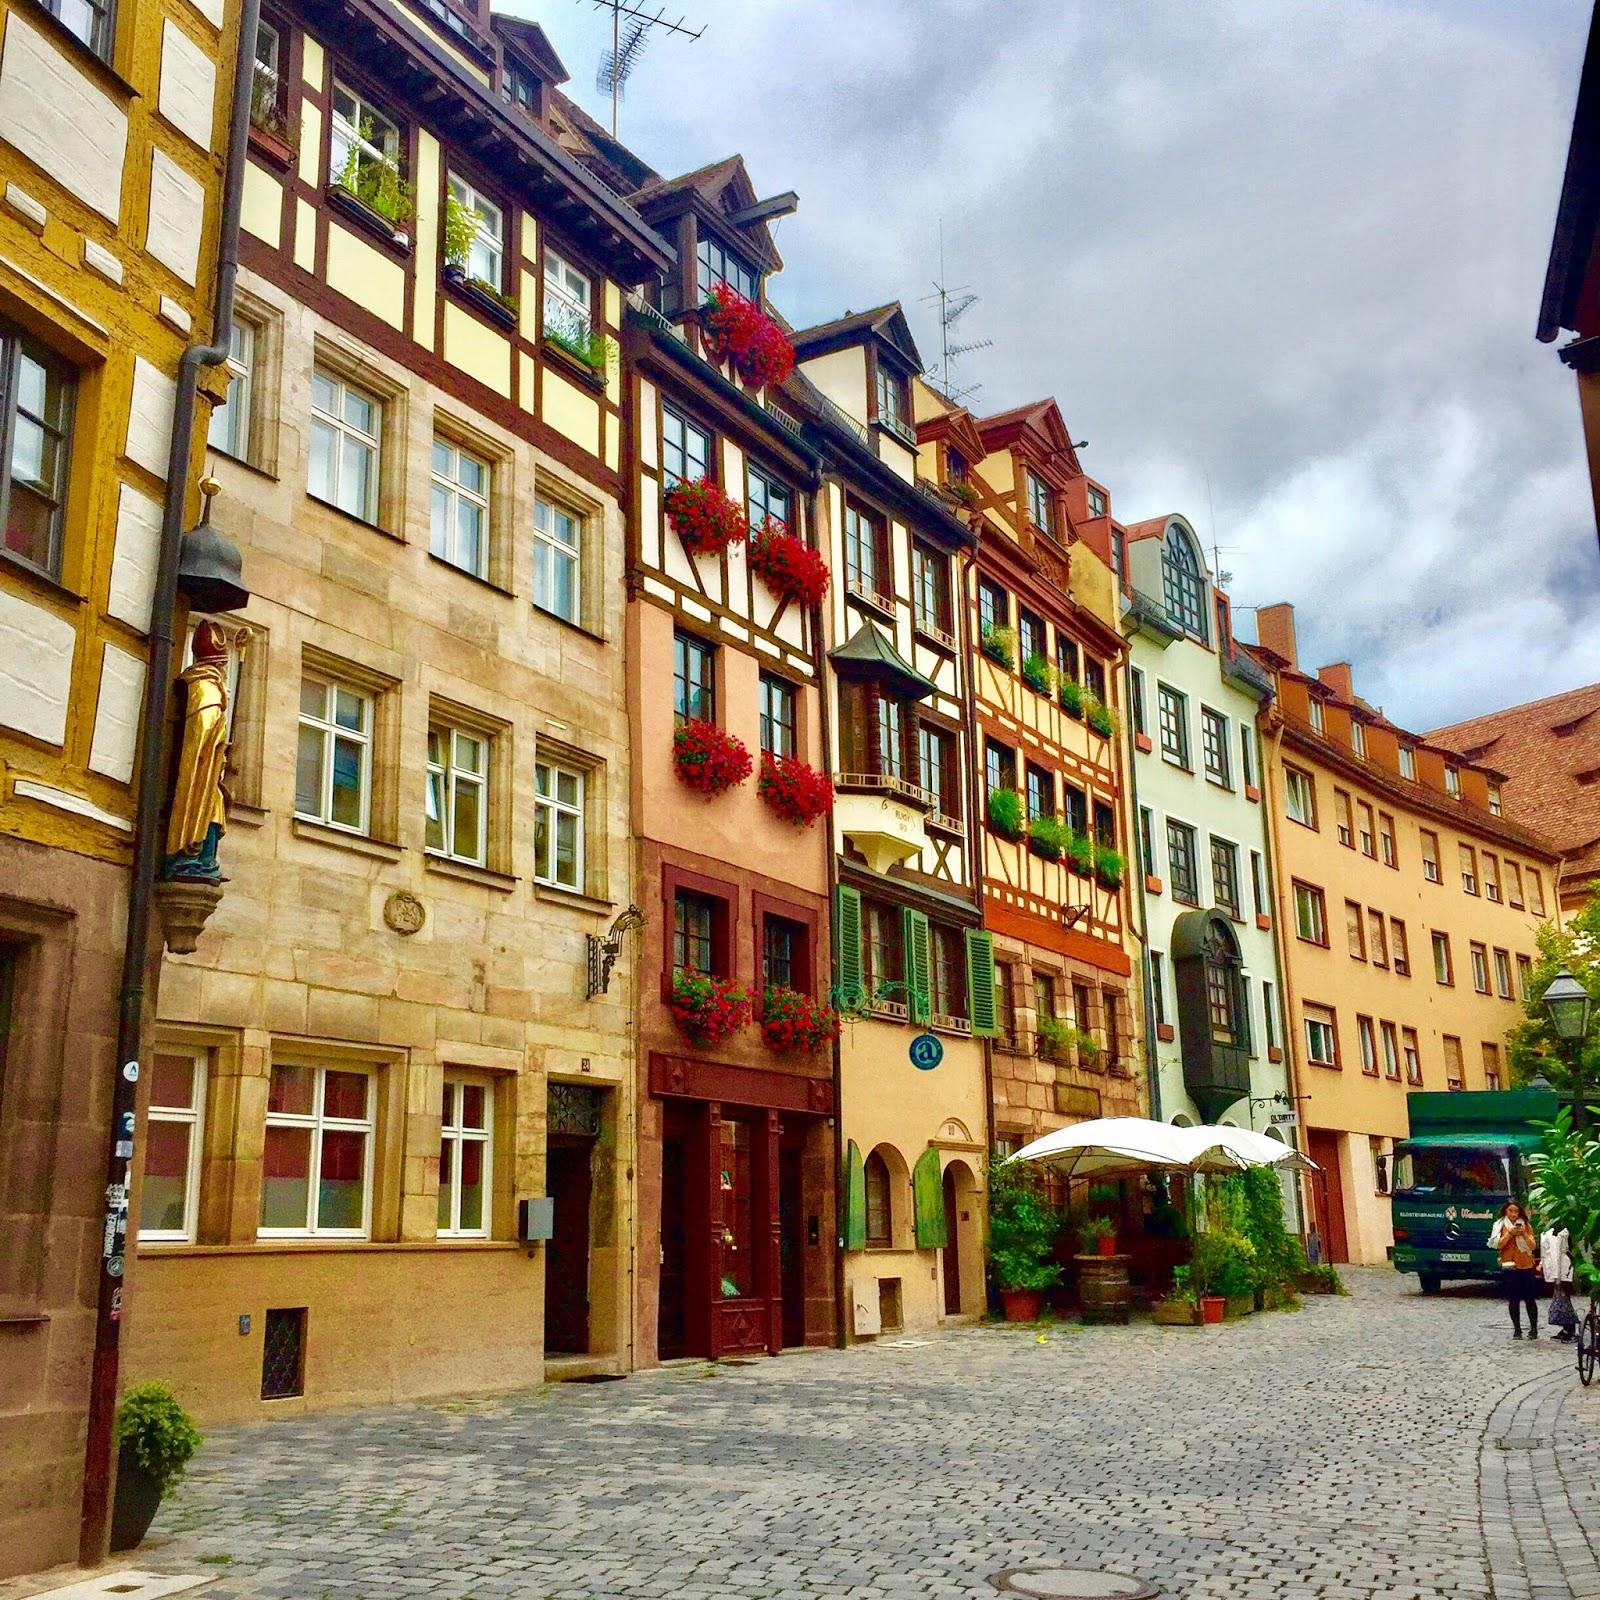 Mittelalterliche Architektur in Nürnberg